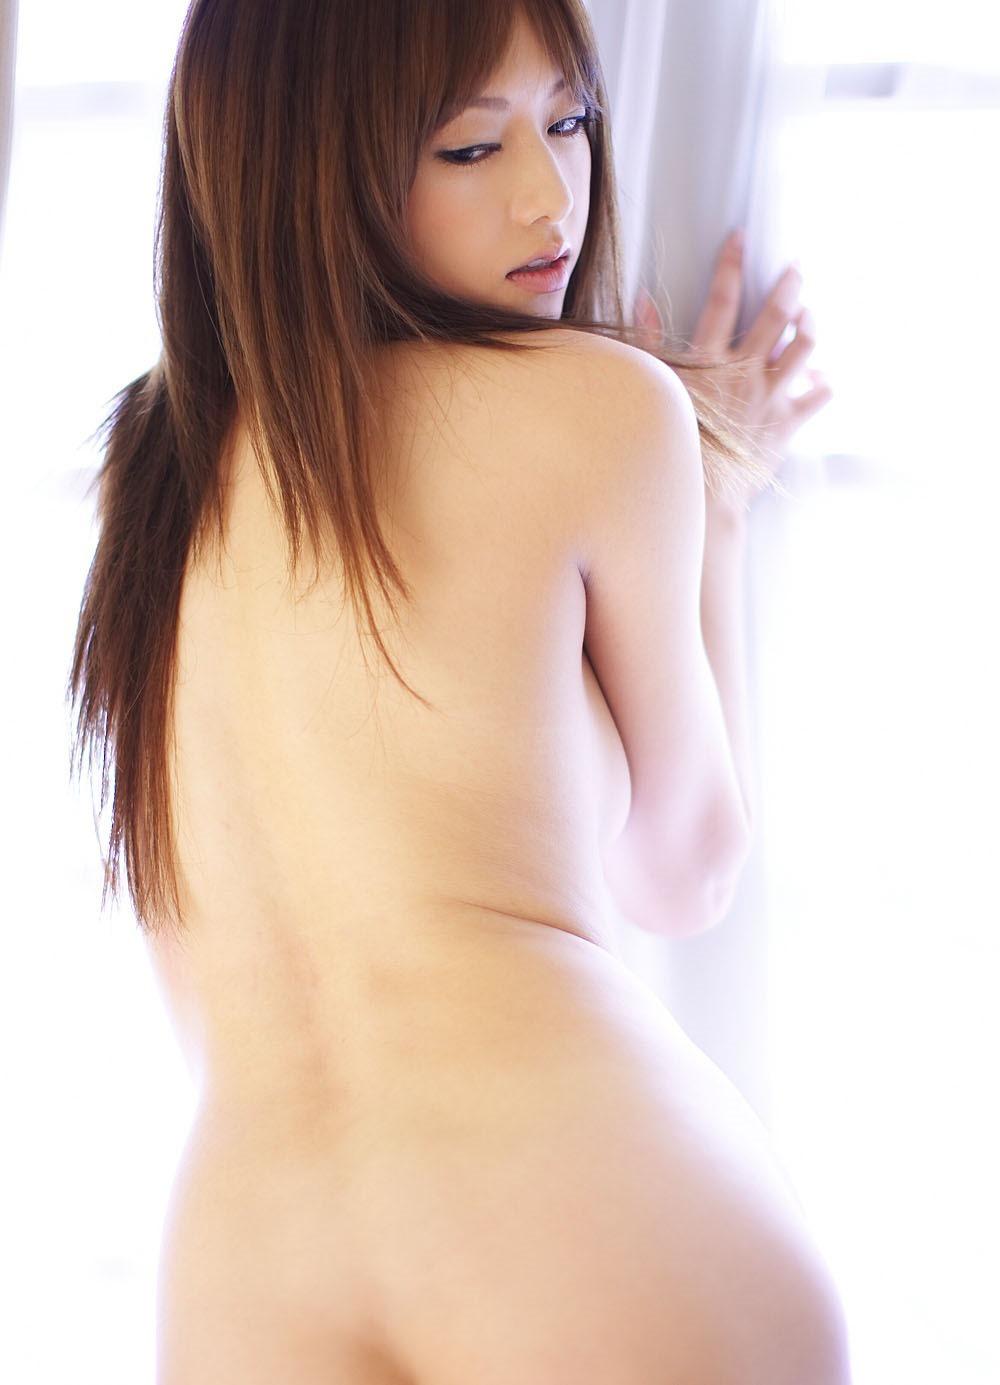 吉沢明歩 画像 47